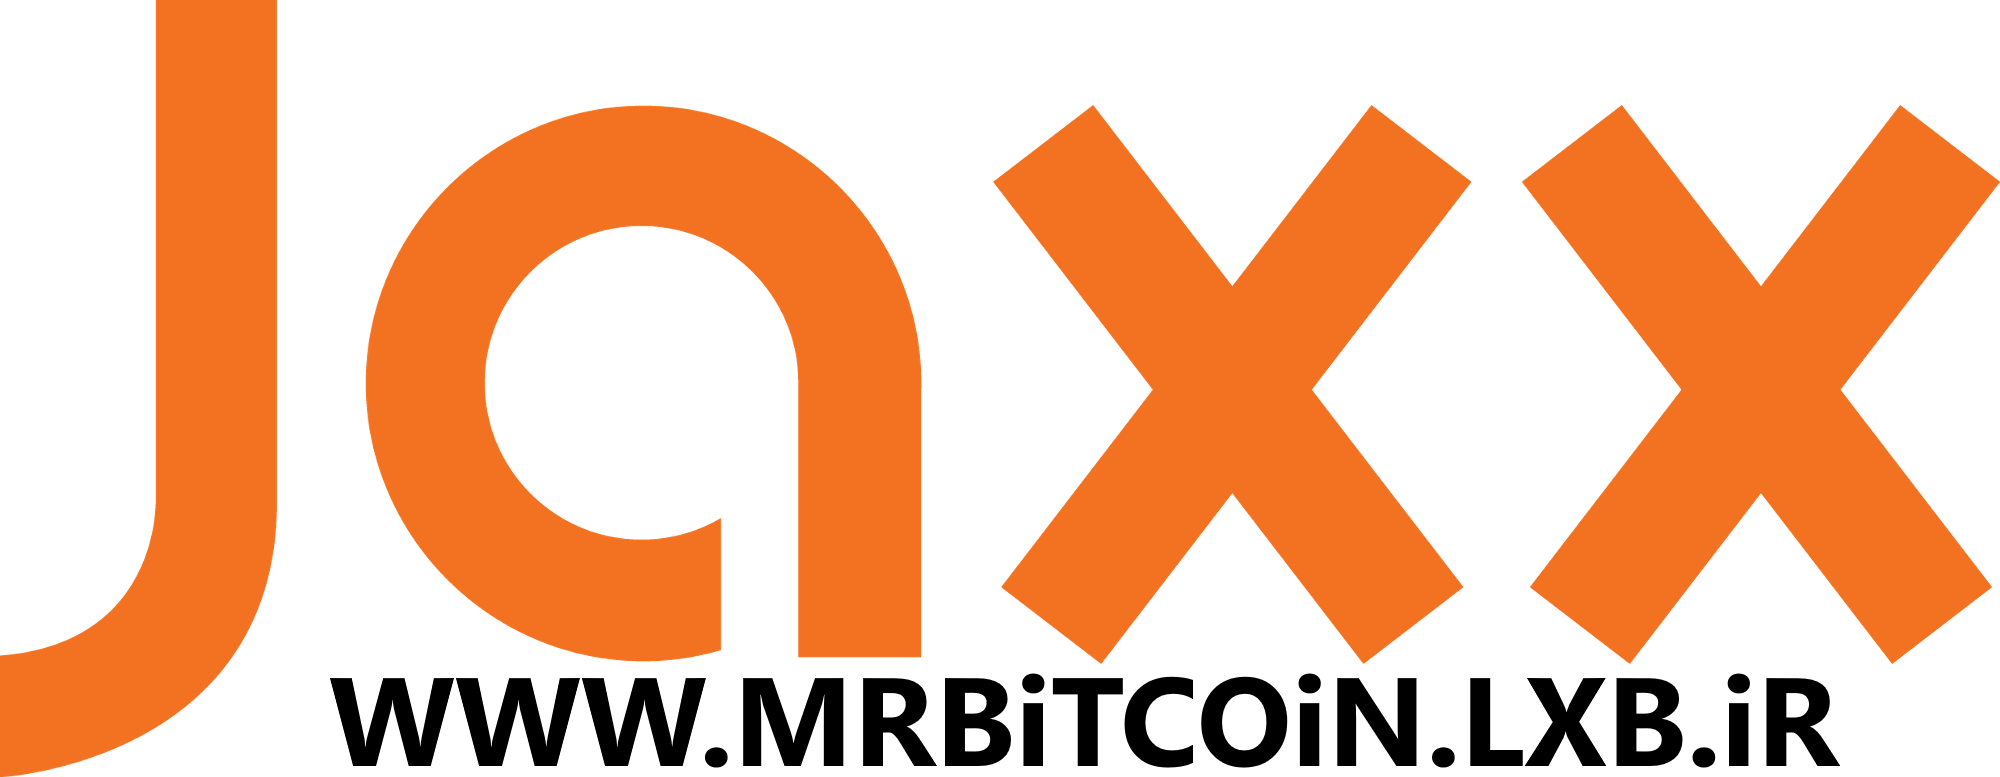 اموزش ساخت کیف ارزی jaxx